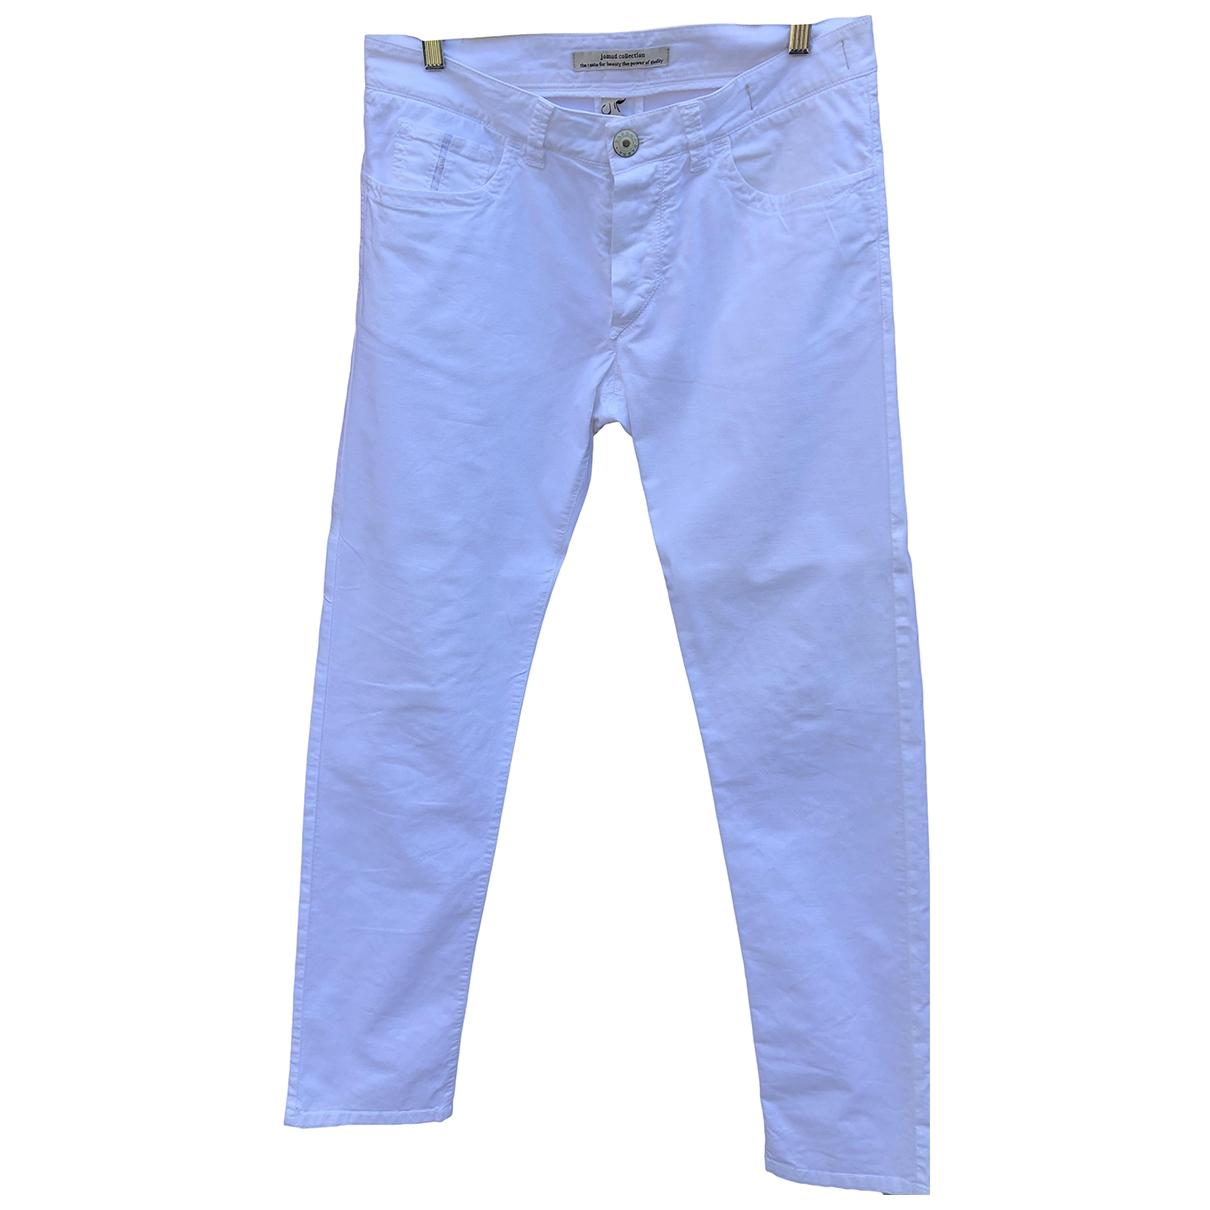 Barba - Pantalon   pour homme en coton - blanc